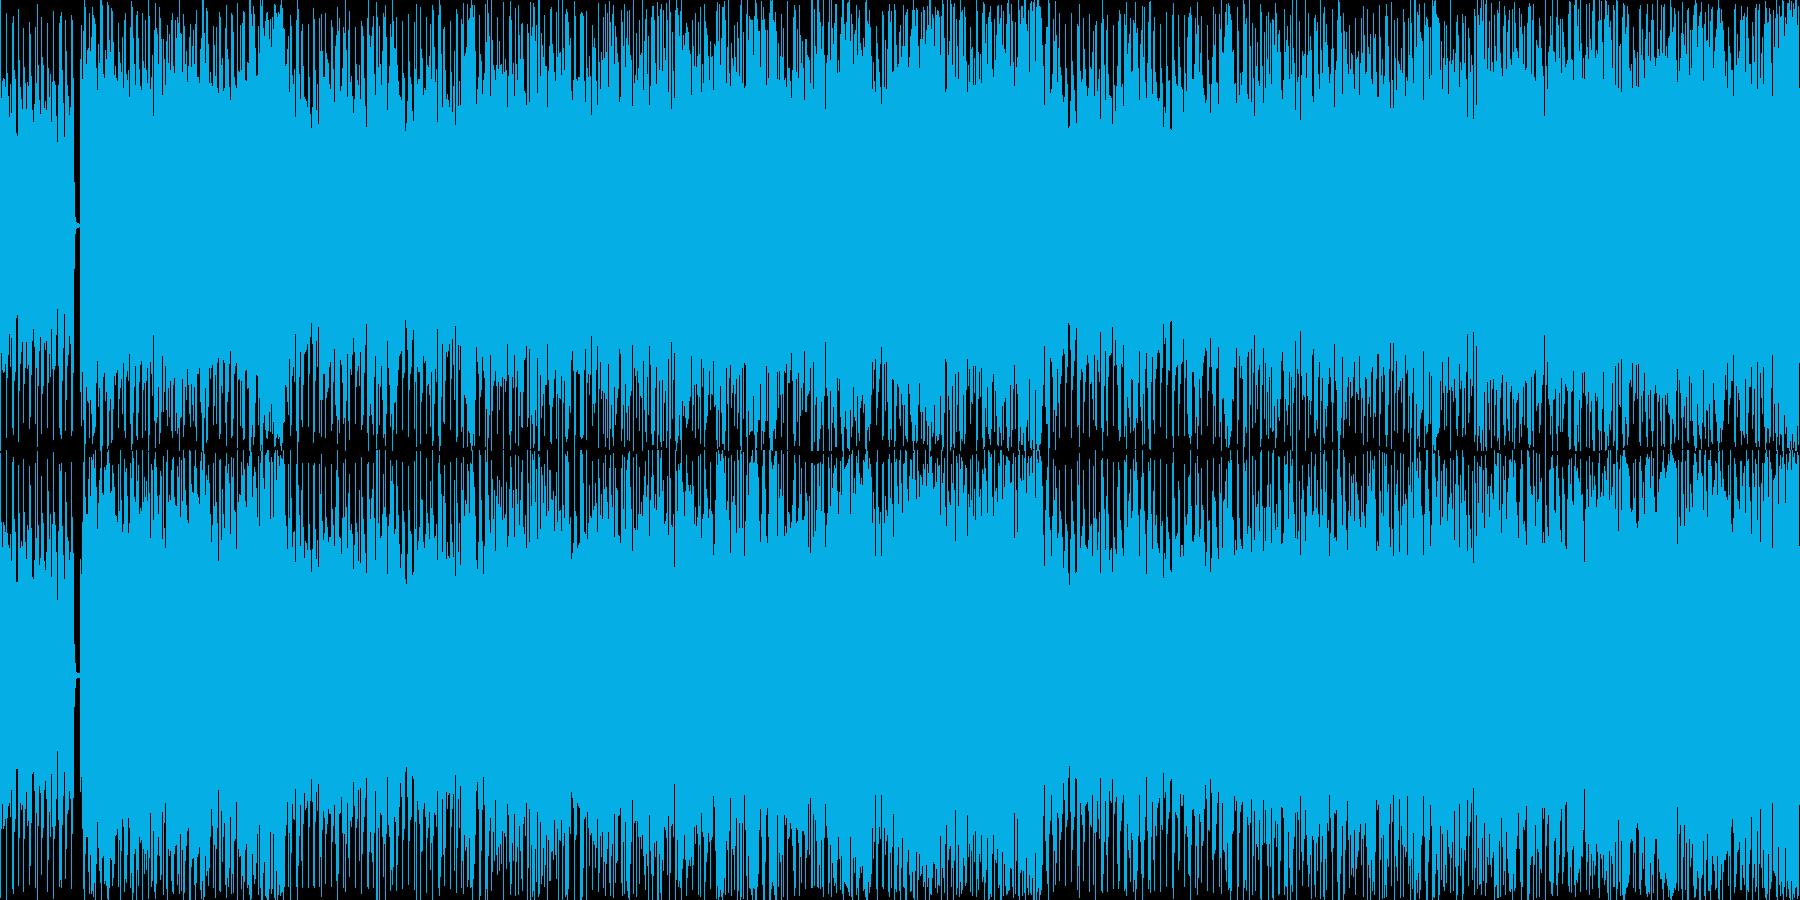 ちょっとダサいソウルフルなハウスの再生済みの波形